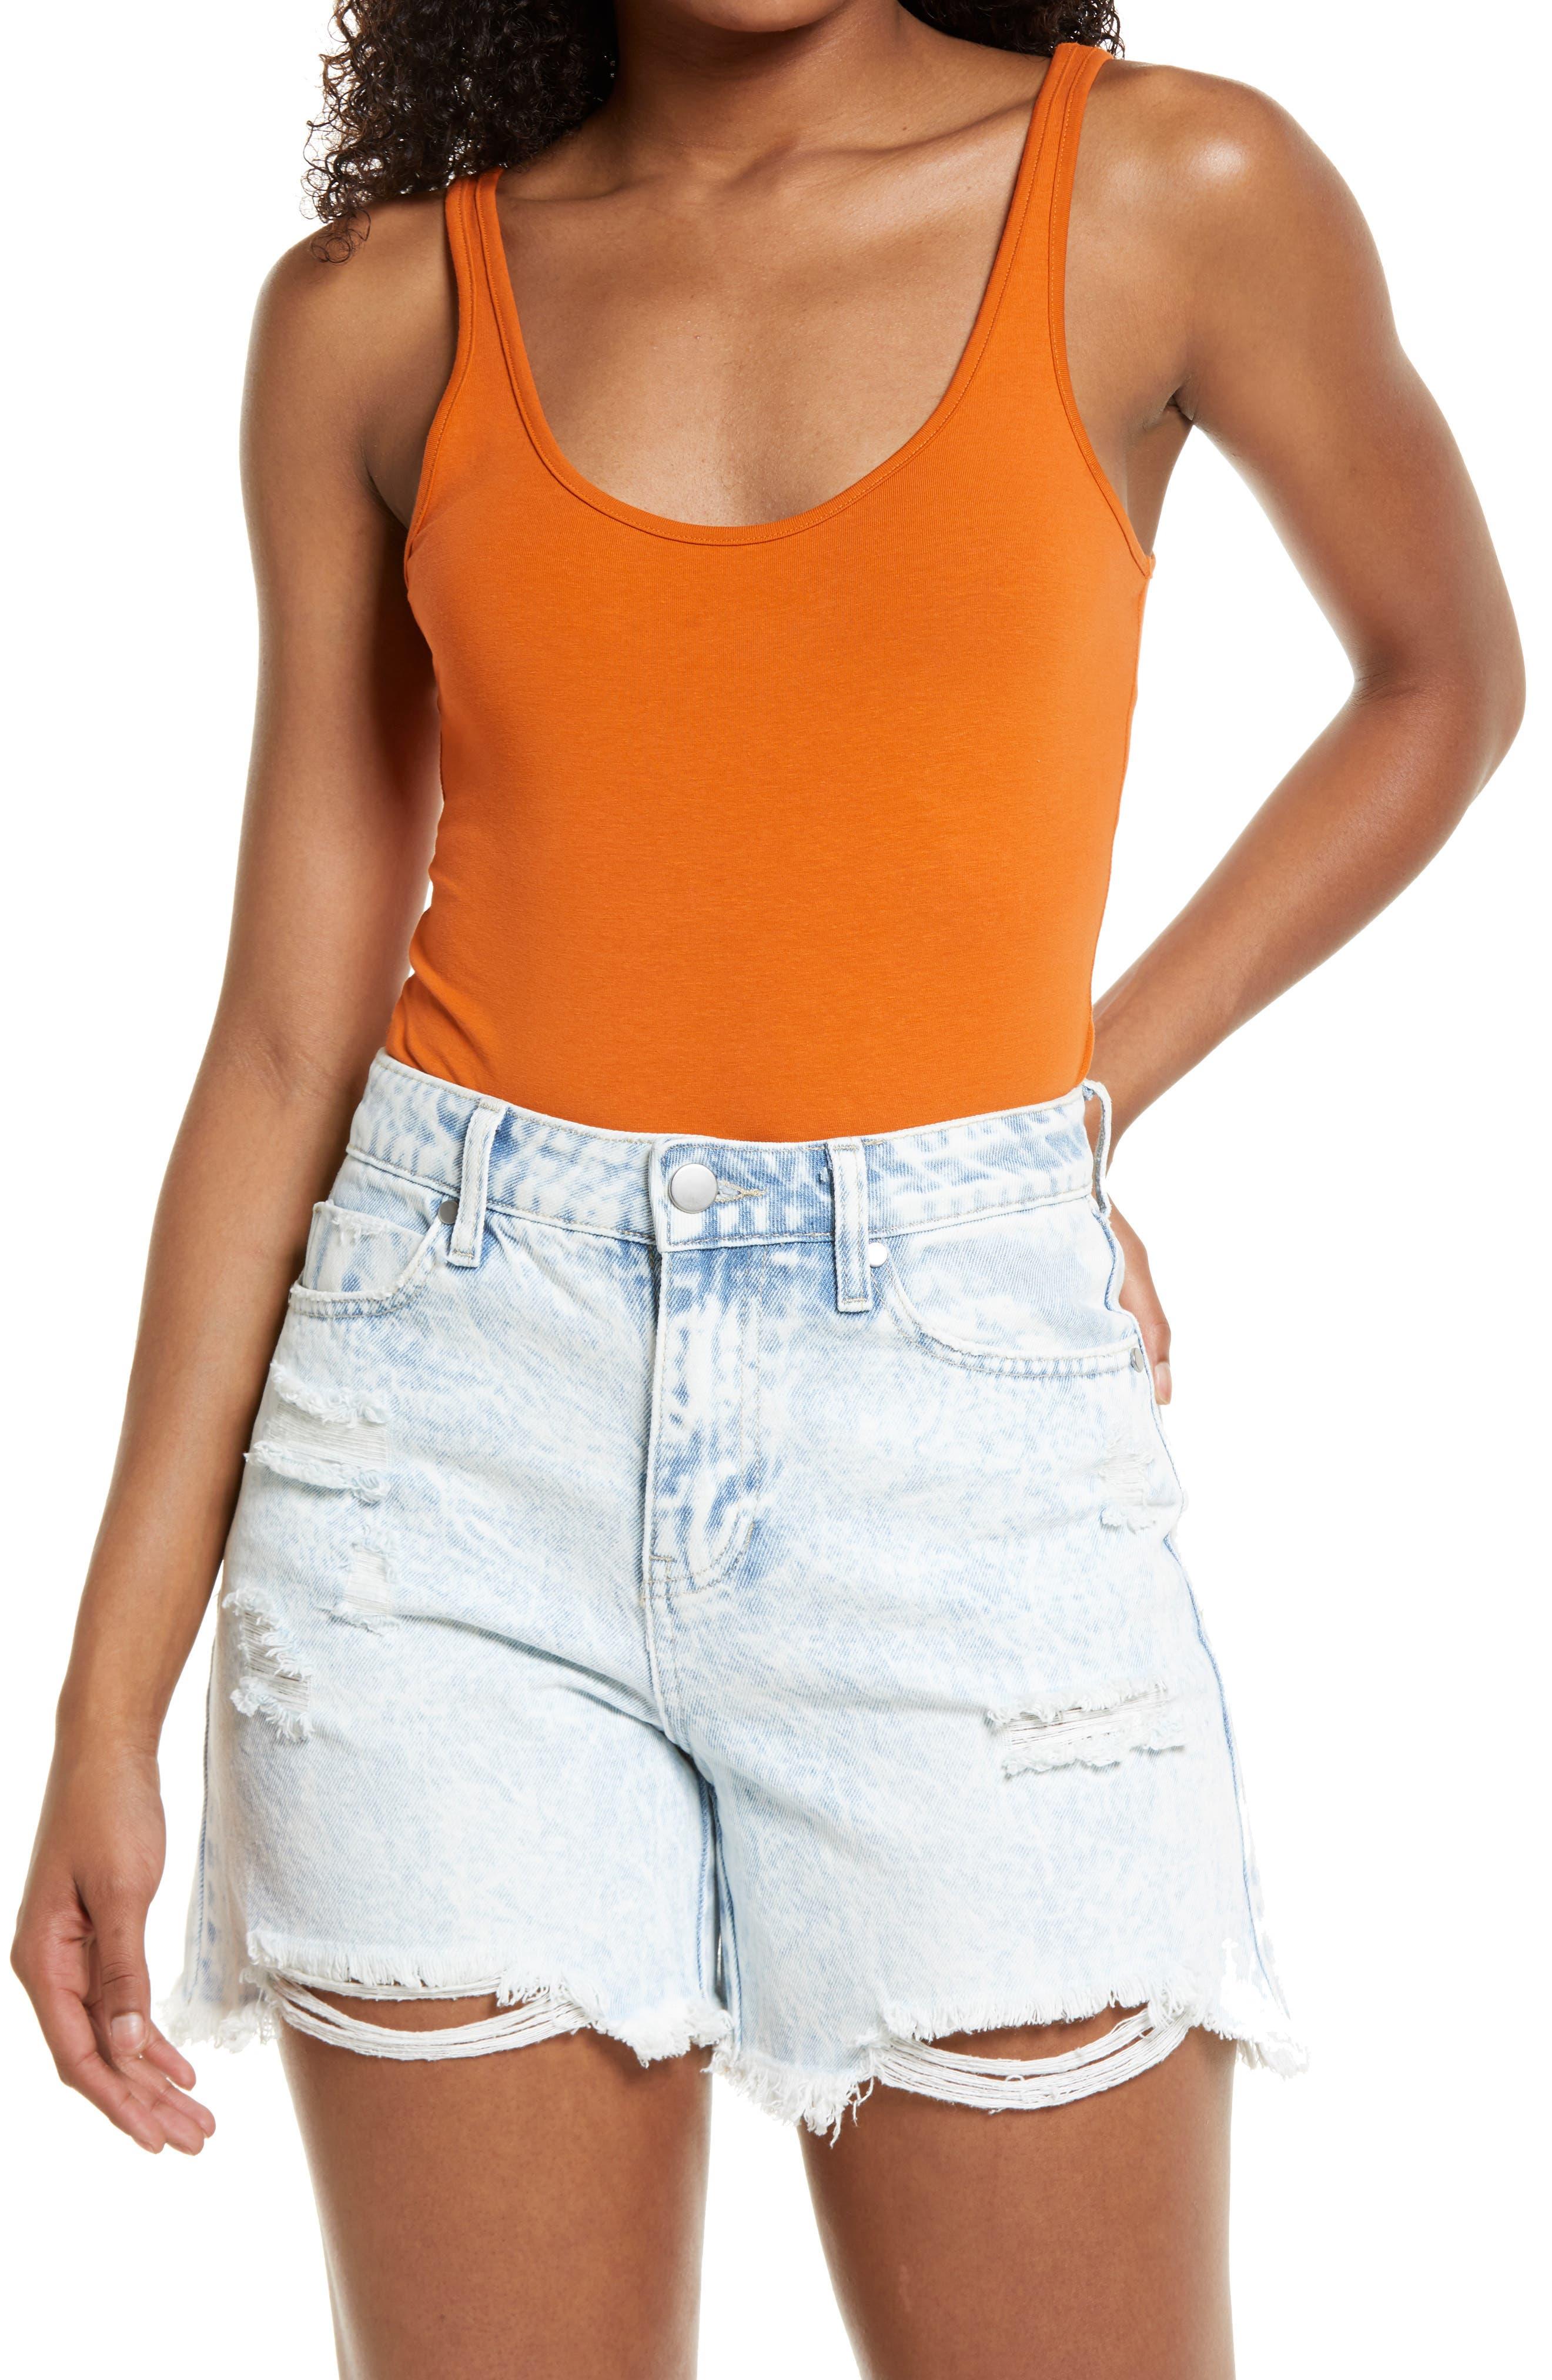 Double Scoop Stretch Cotton Bodysuit